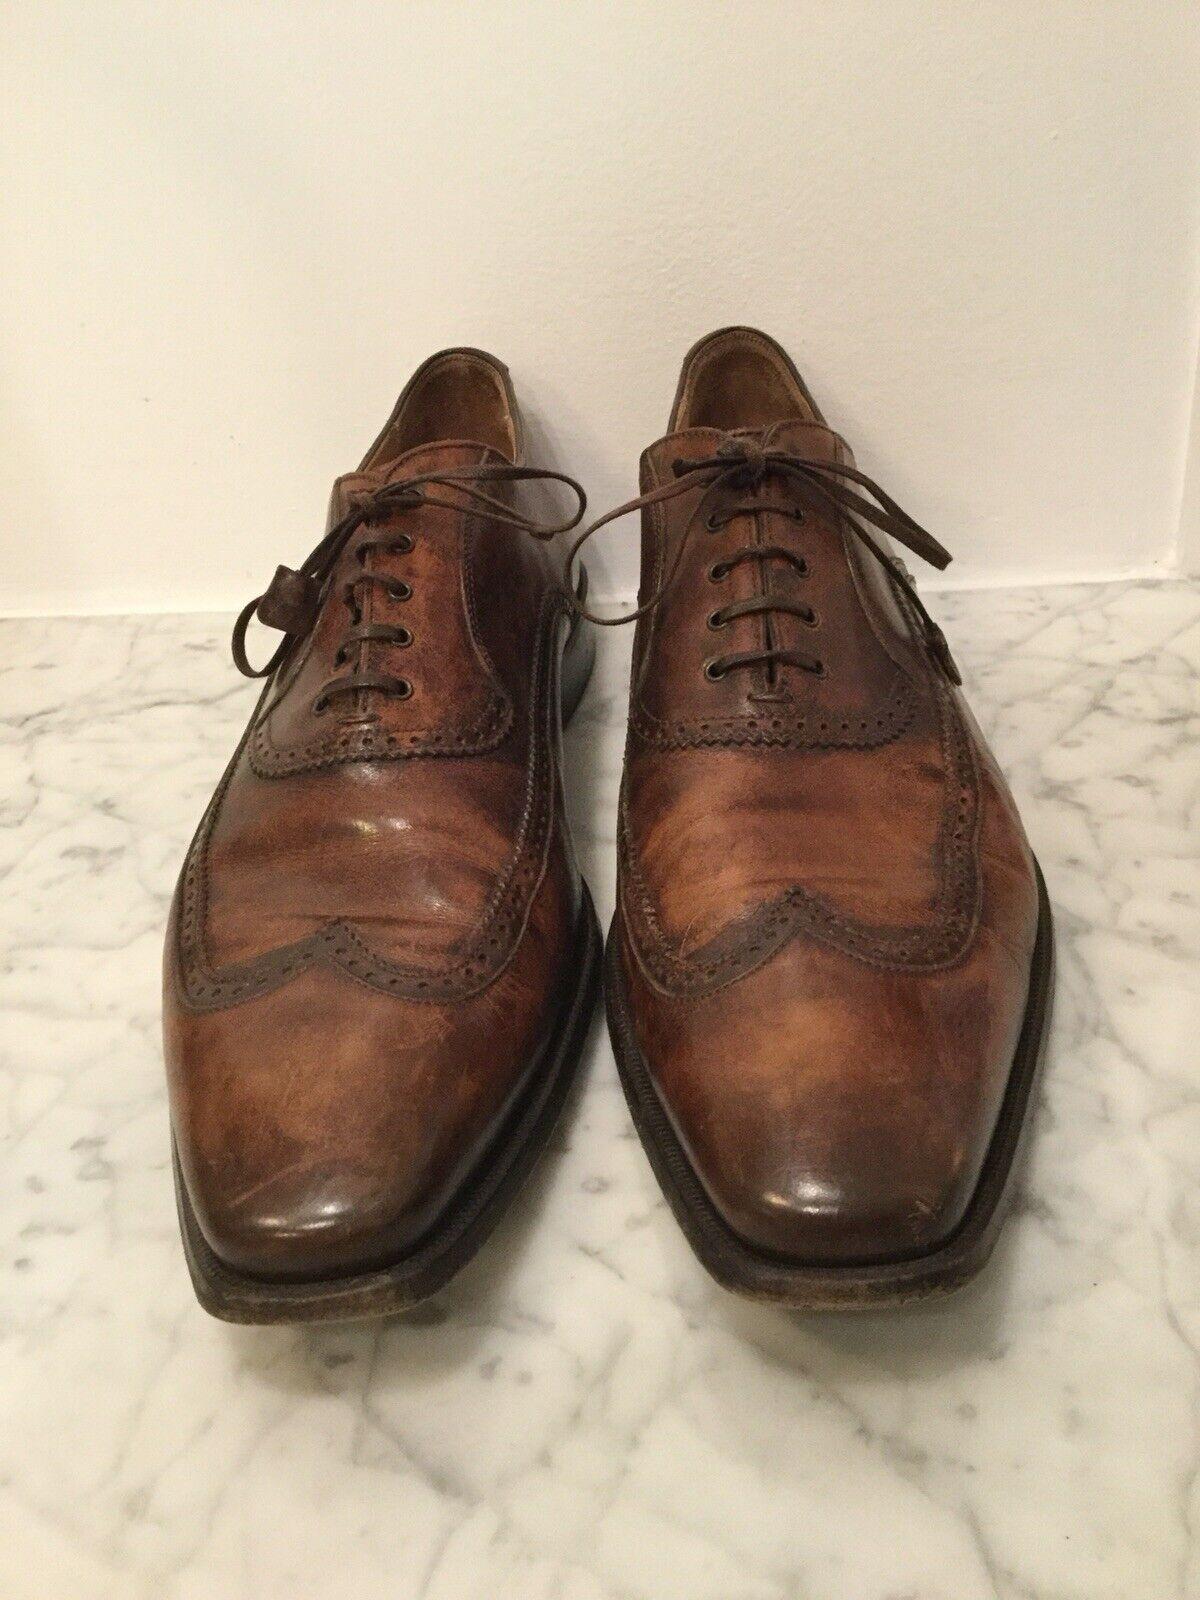 molte concessioni Mens SZ 44 44 44   11 Franceschetti Leather Oxford scarpe. Handmade In . Marrone.  buon prezzo